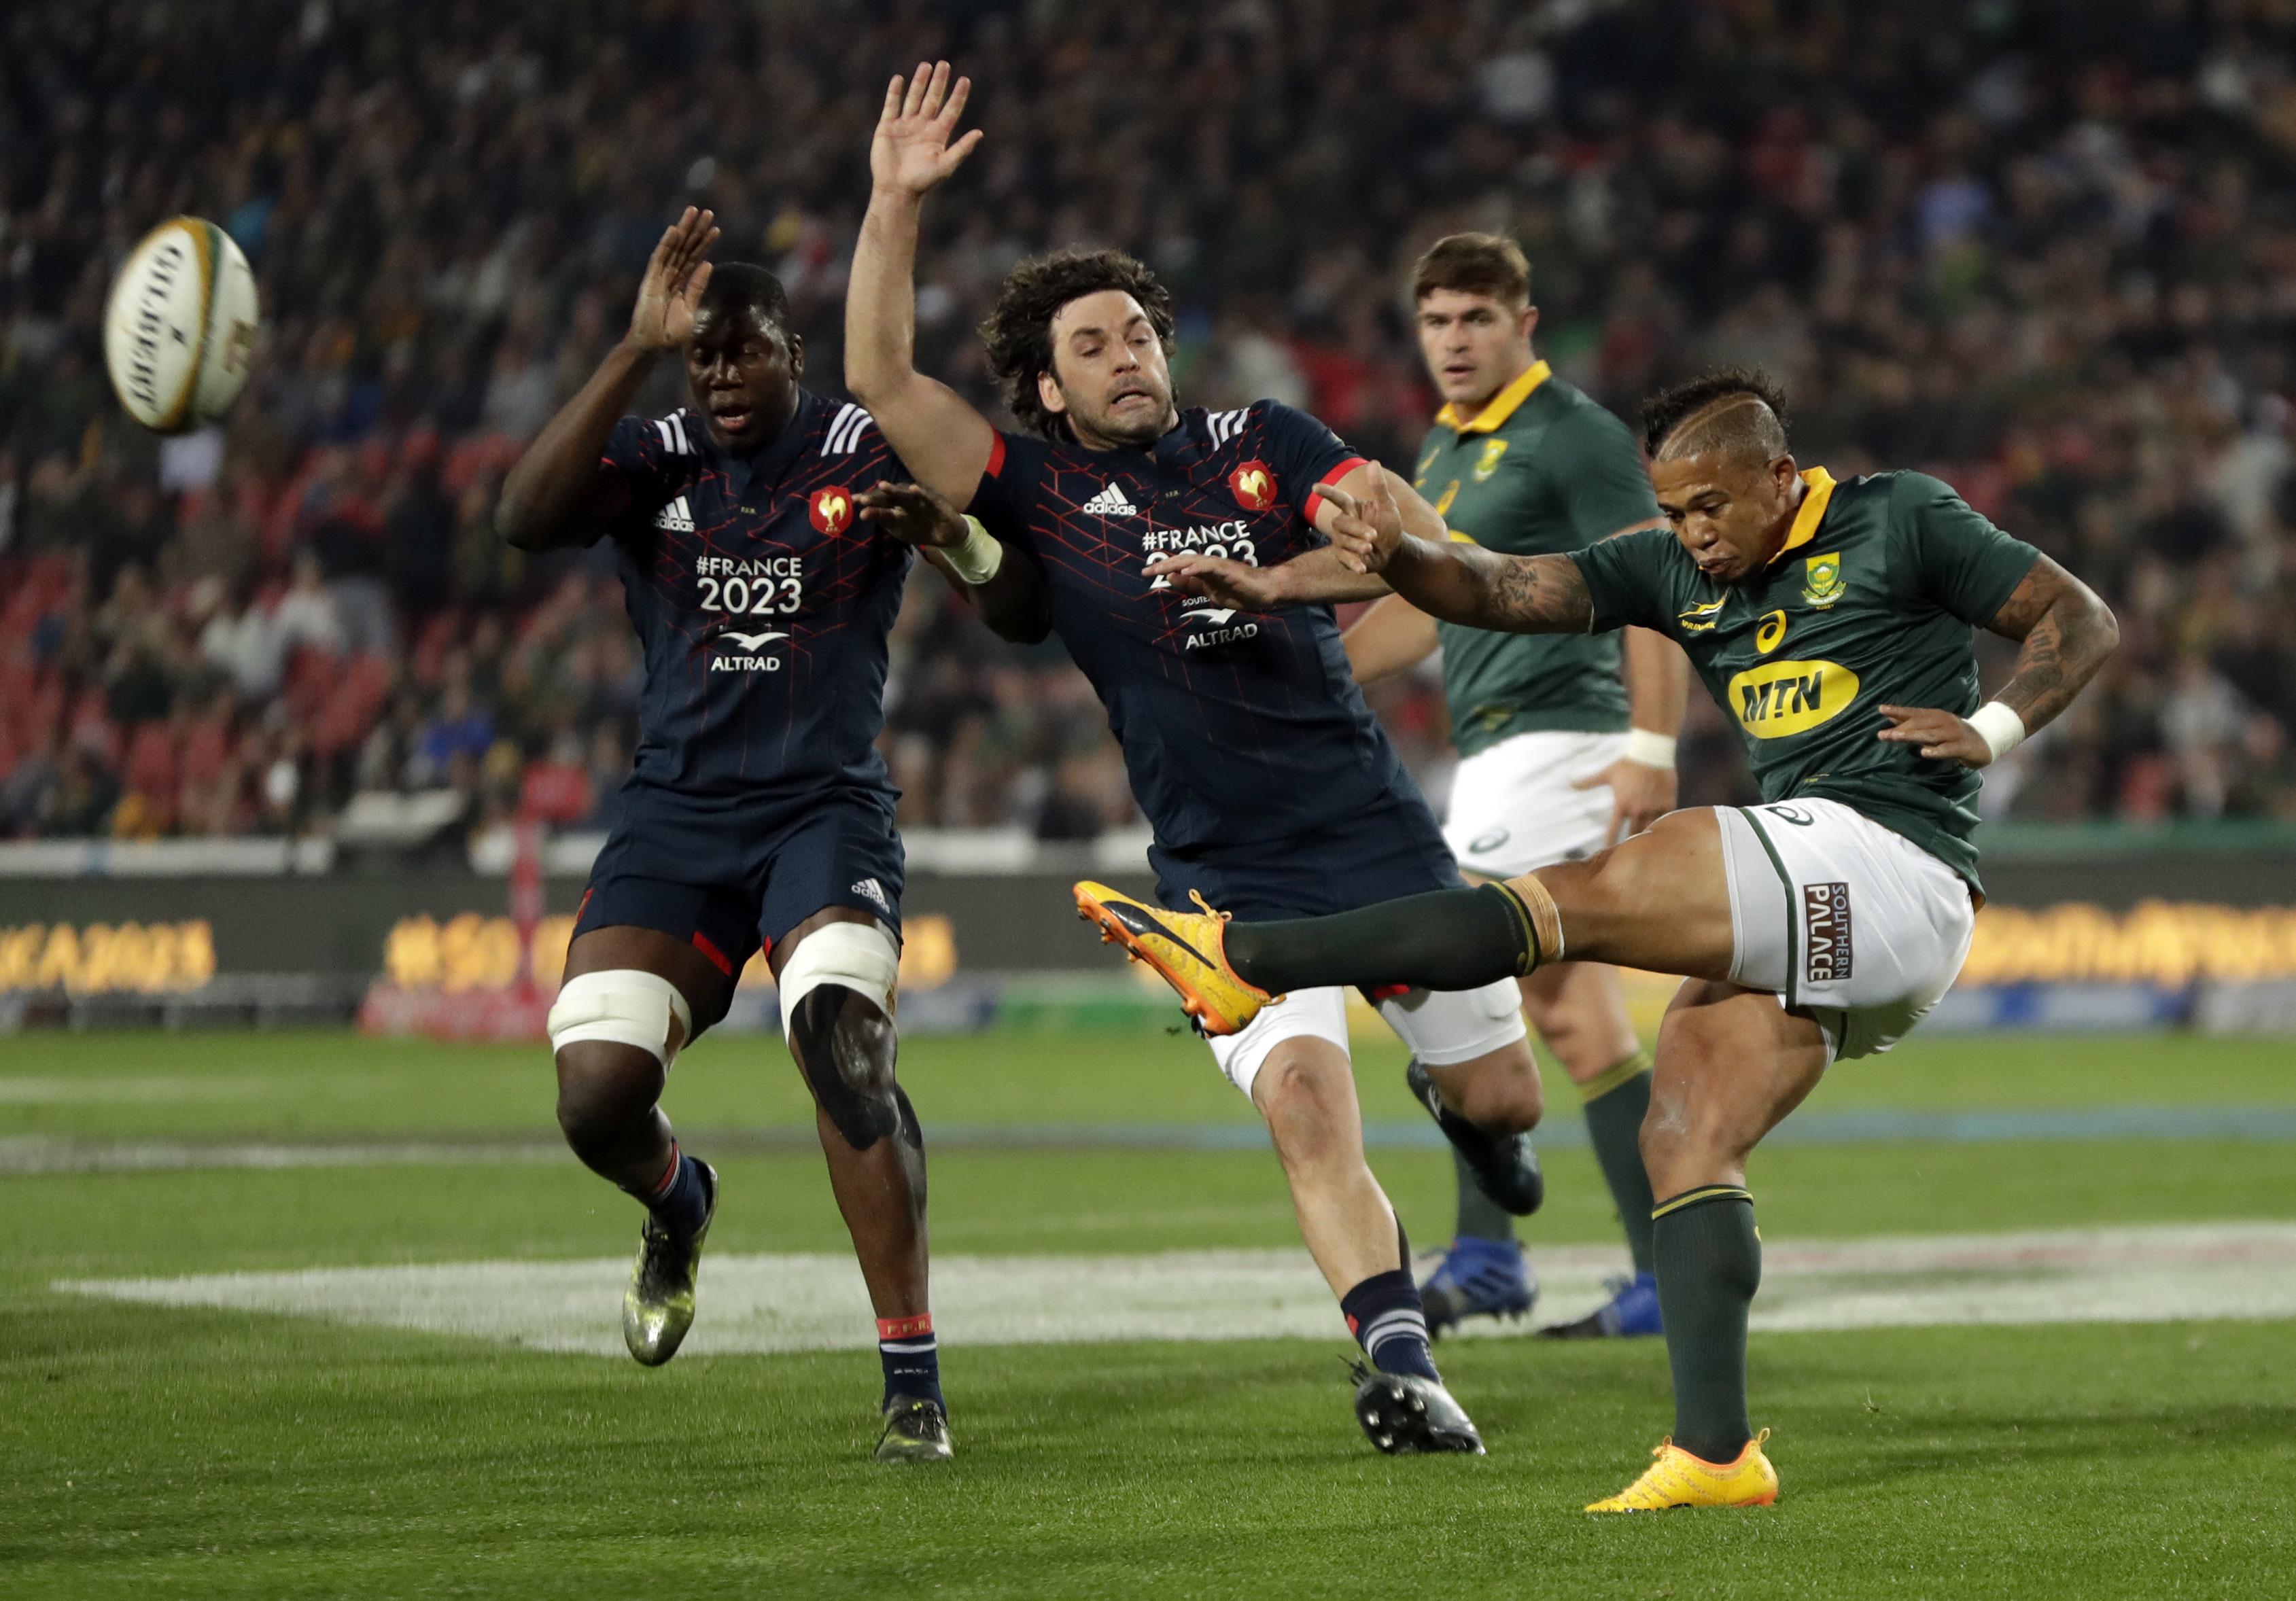 Rugby - XV de France - Les notes des Bleus : Gourdon et Vakatawa transparents, Poirot surnage